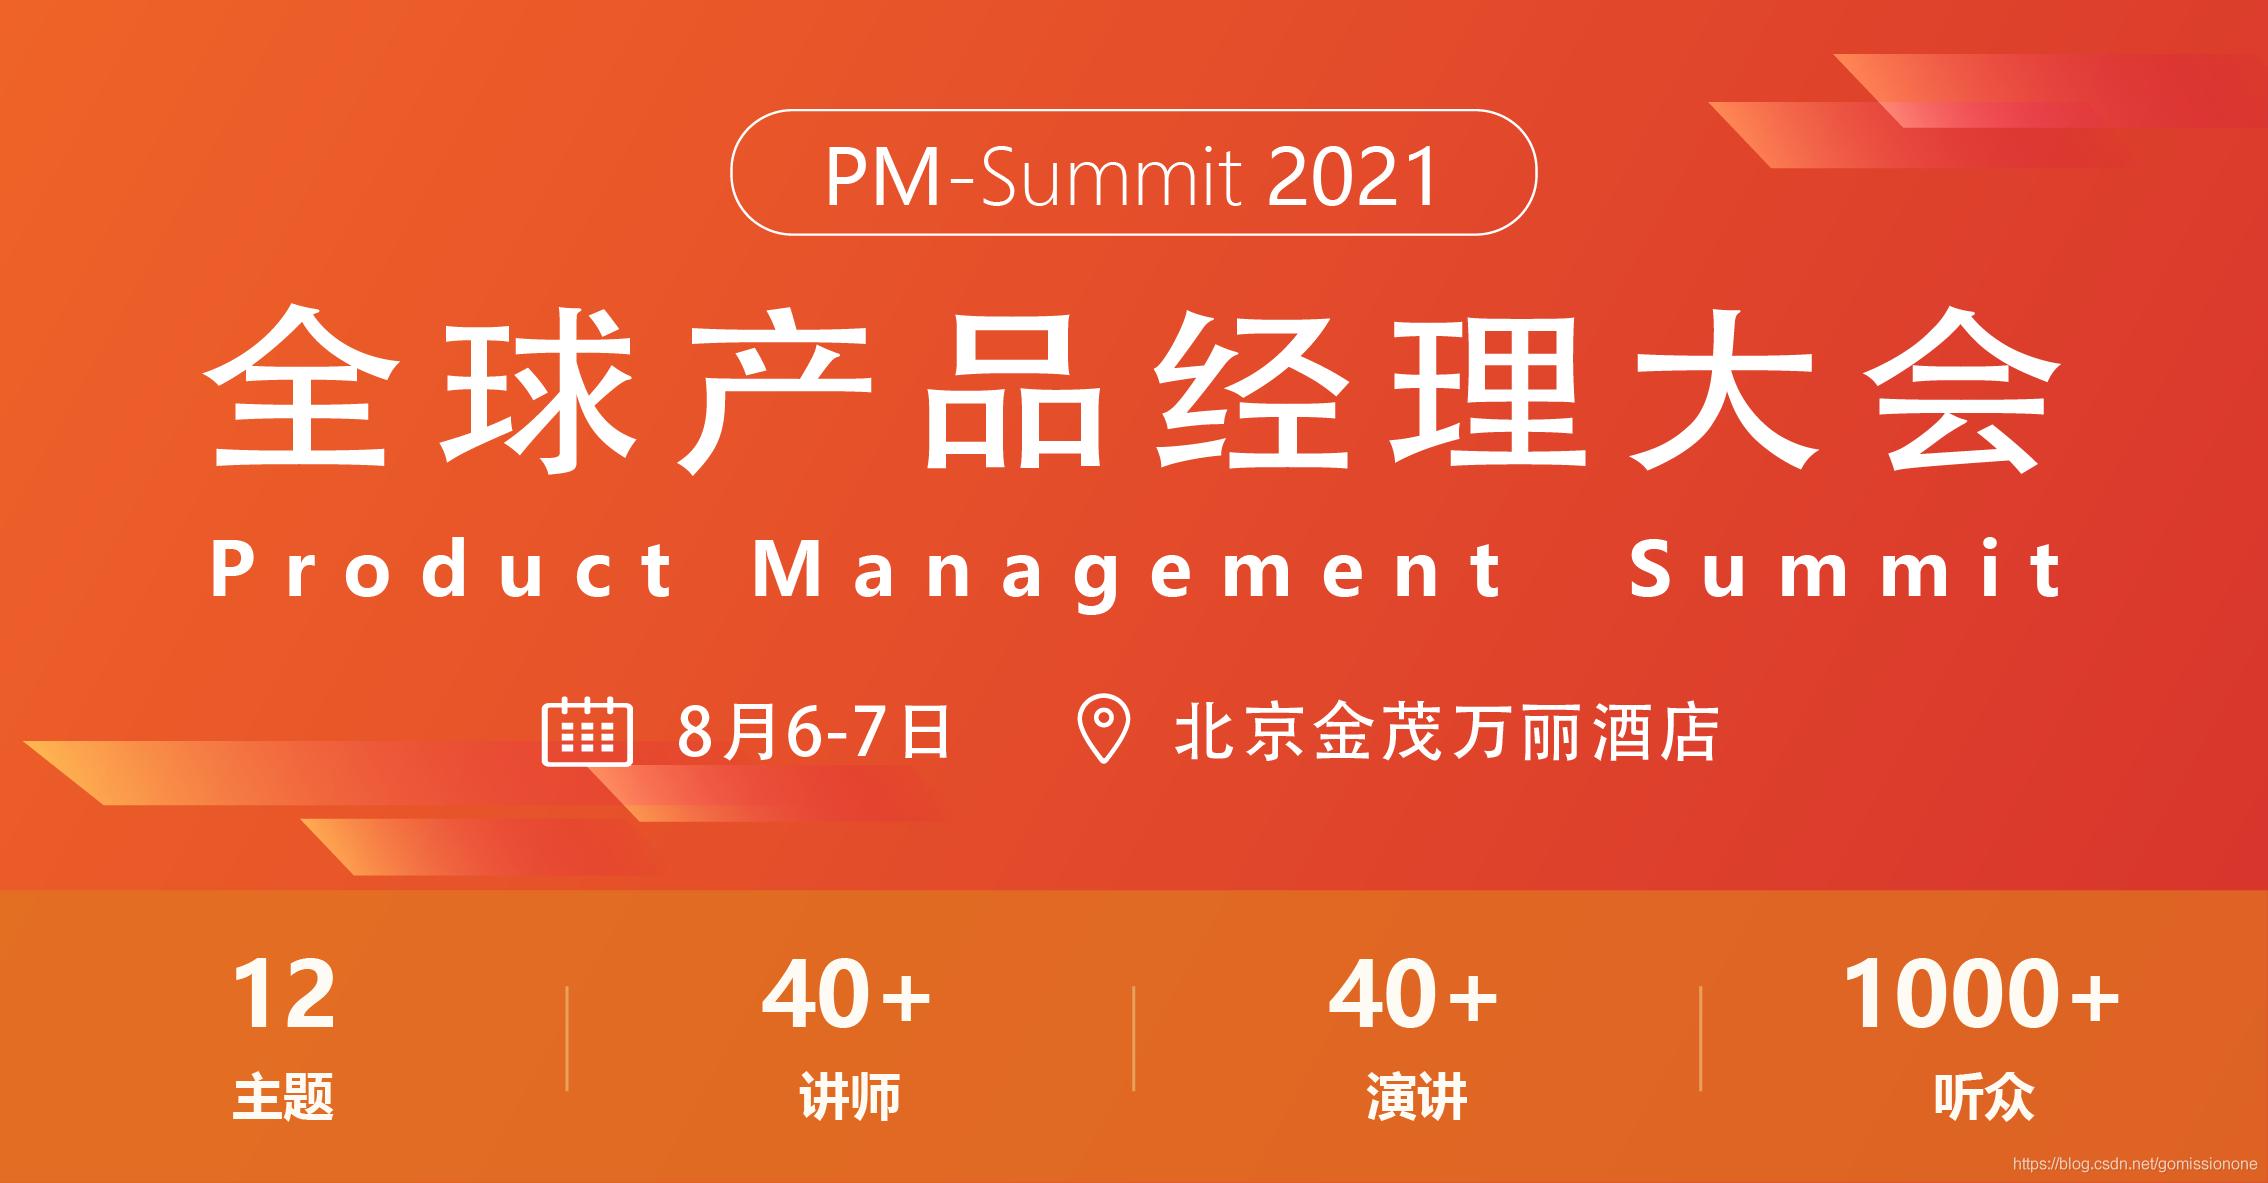 2021全球产品经理大会-大会规模